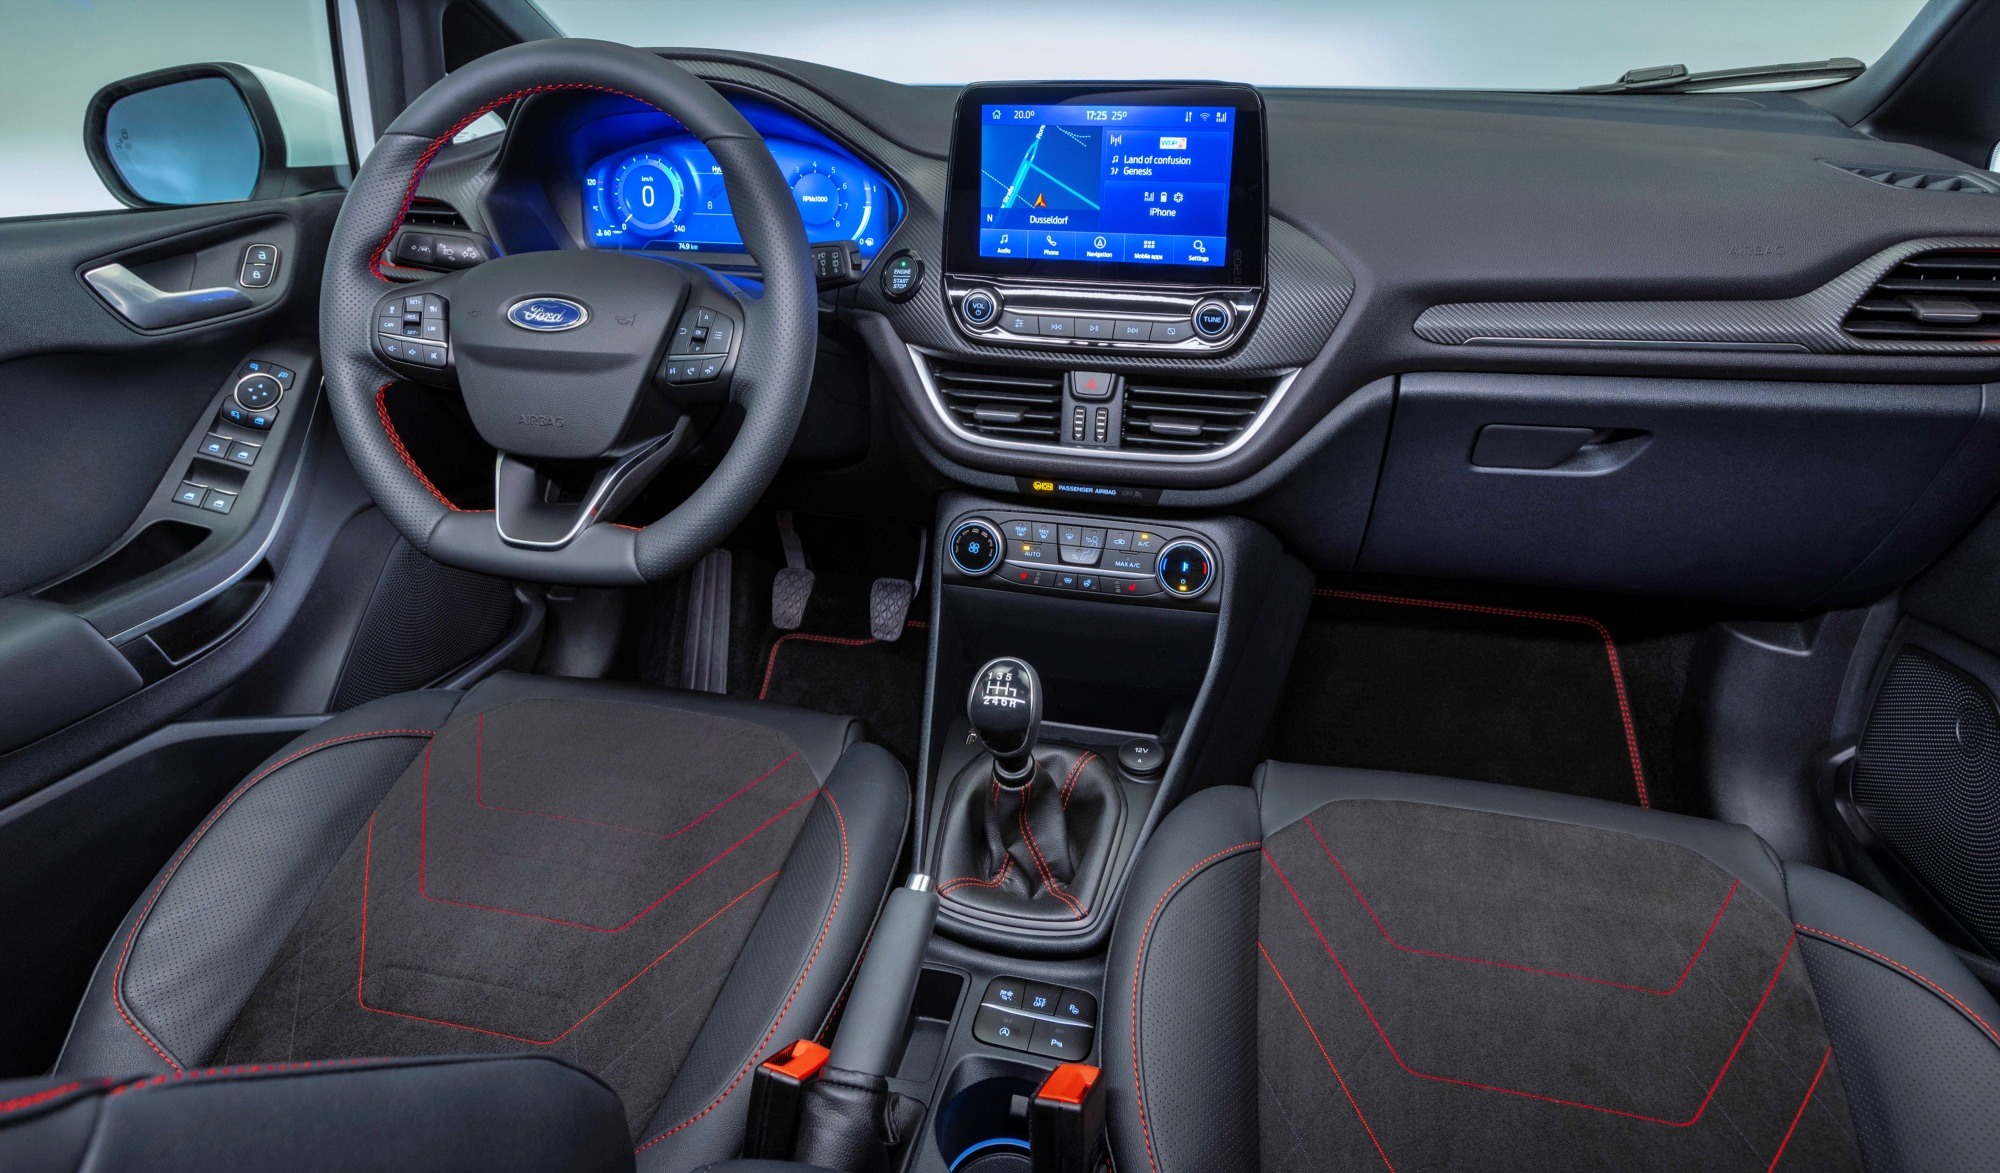 Ford Fiesta deska